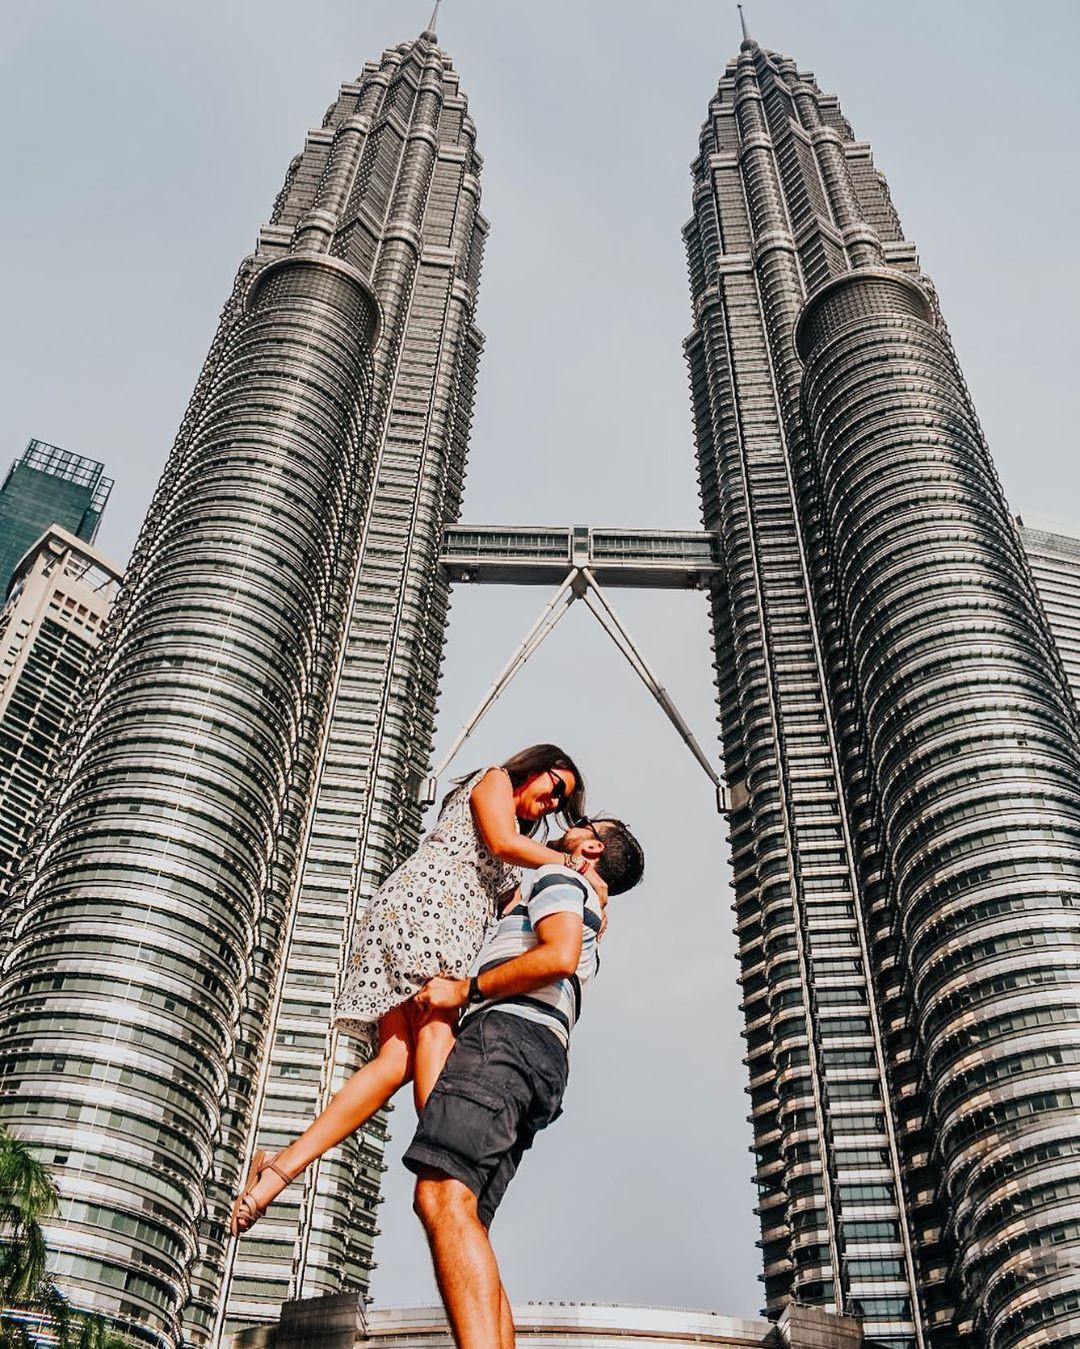 Có cả triệu người chụp ảnh dưới toà tháp Petronas Twin Tower nhưng không phải ai cũng biết bí quyết để có tấm ảnh lung linh nhất - Ảnh 4.